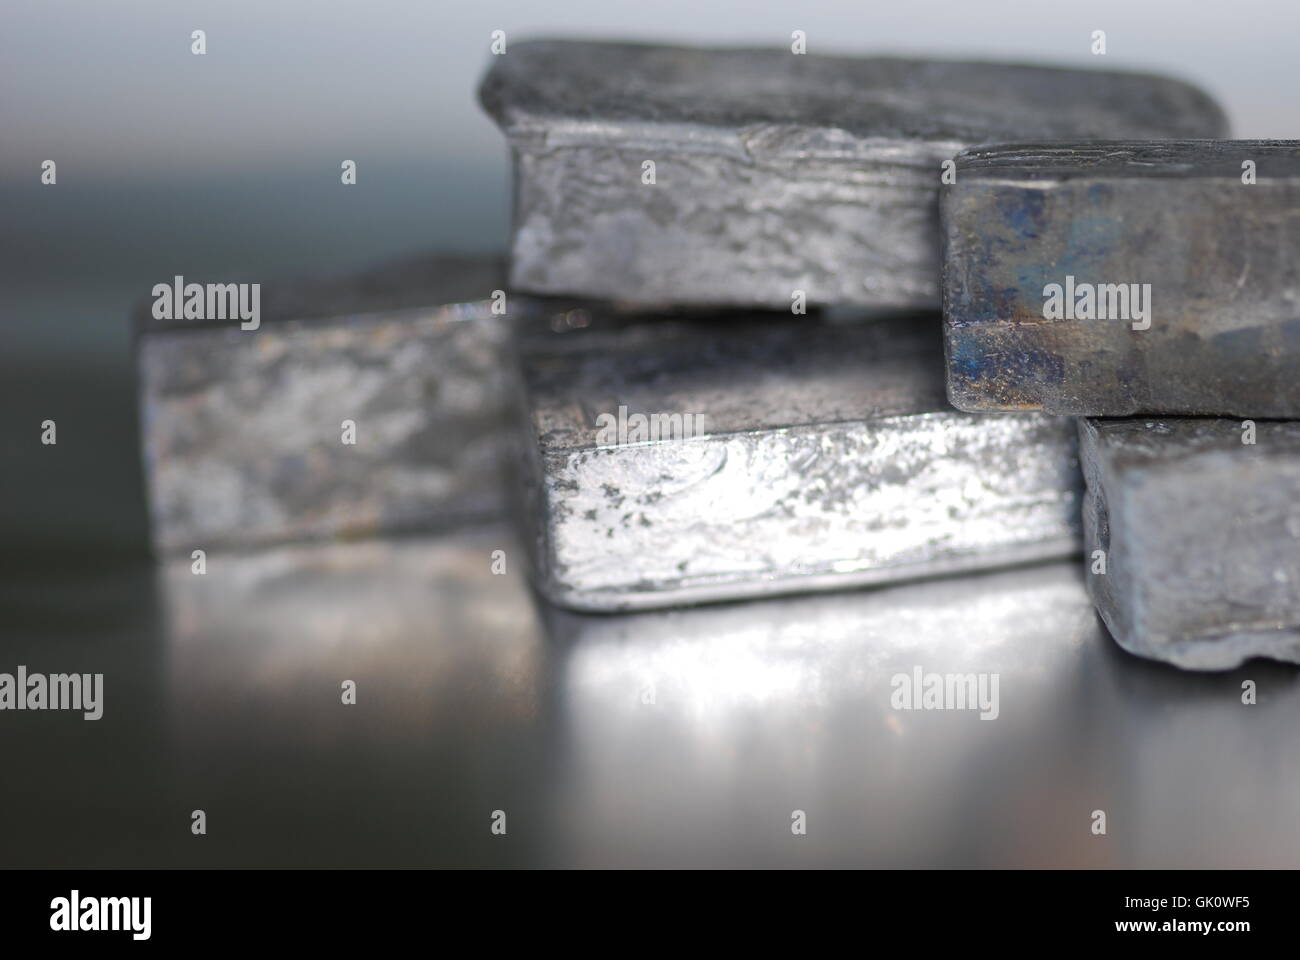 Plomo (Pb) plumbum heavy metal Imagen De Stock